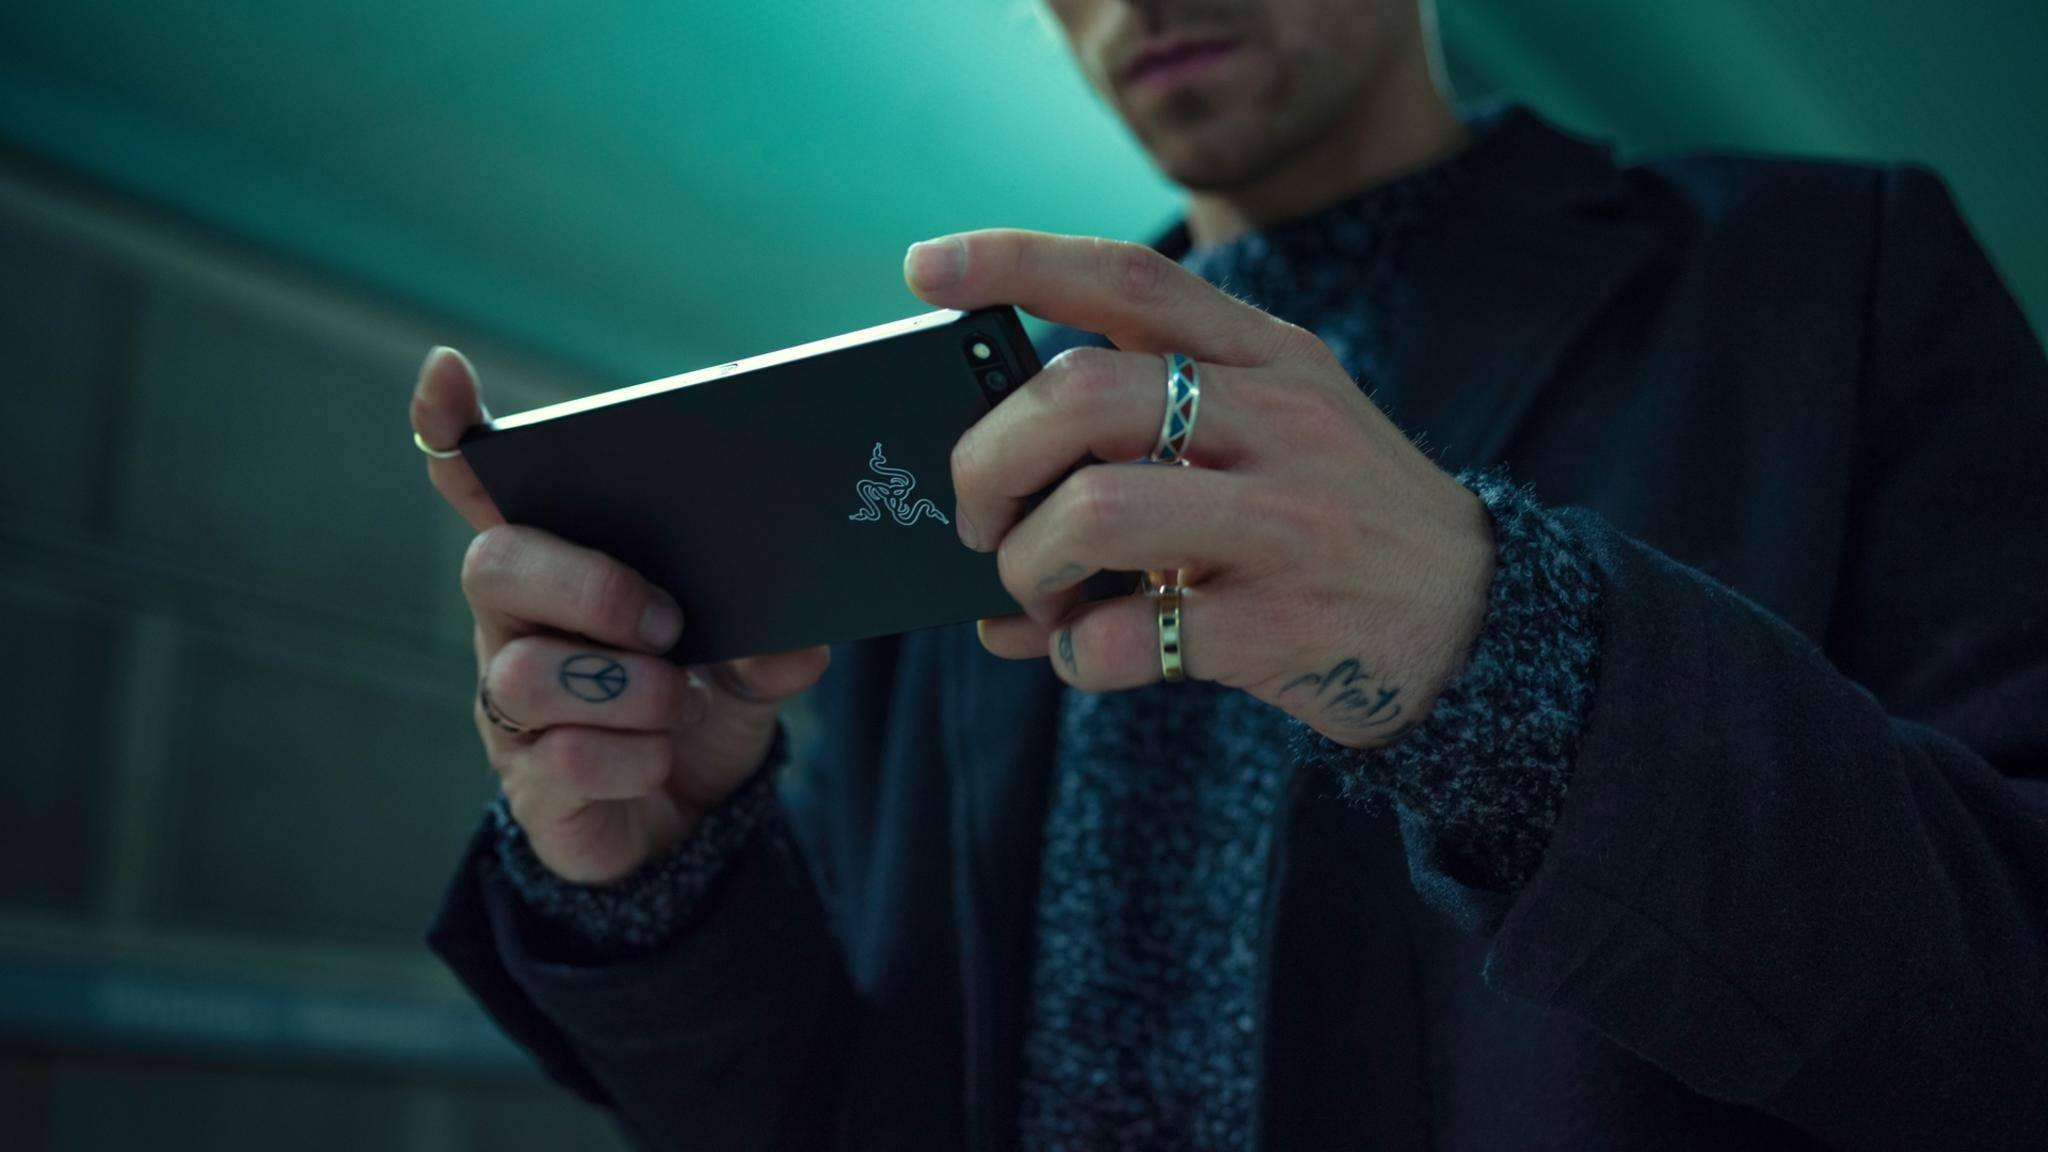 Nach Razer möchte offenbar auch Samsung ein Gaming-Smartphone veröffentlichen.